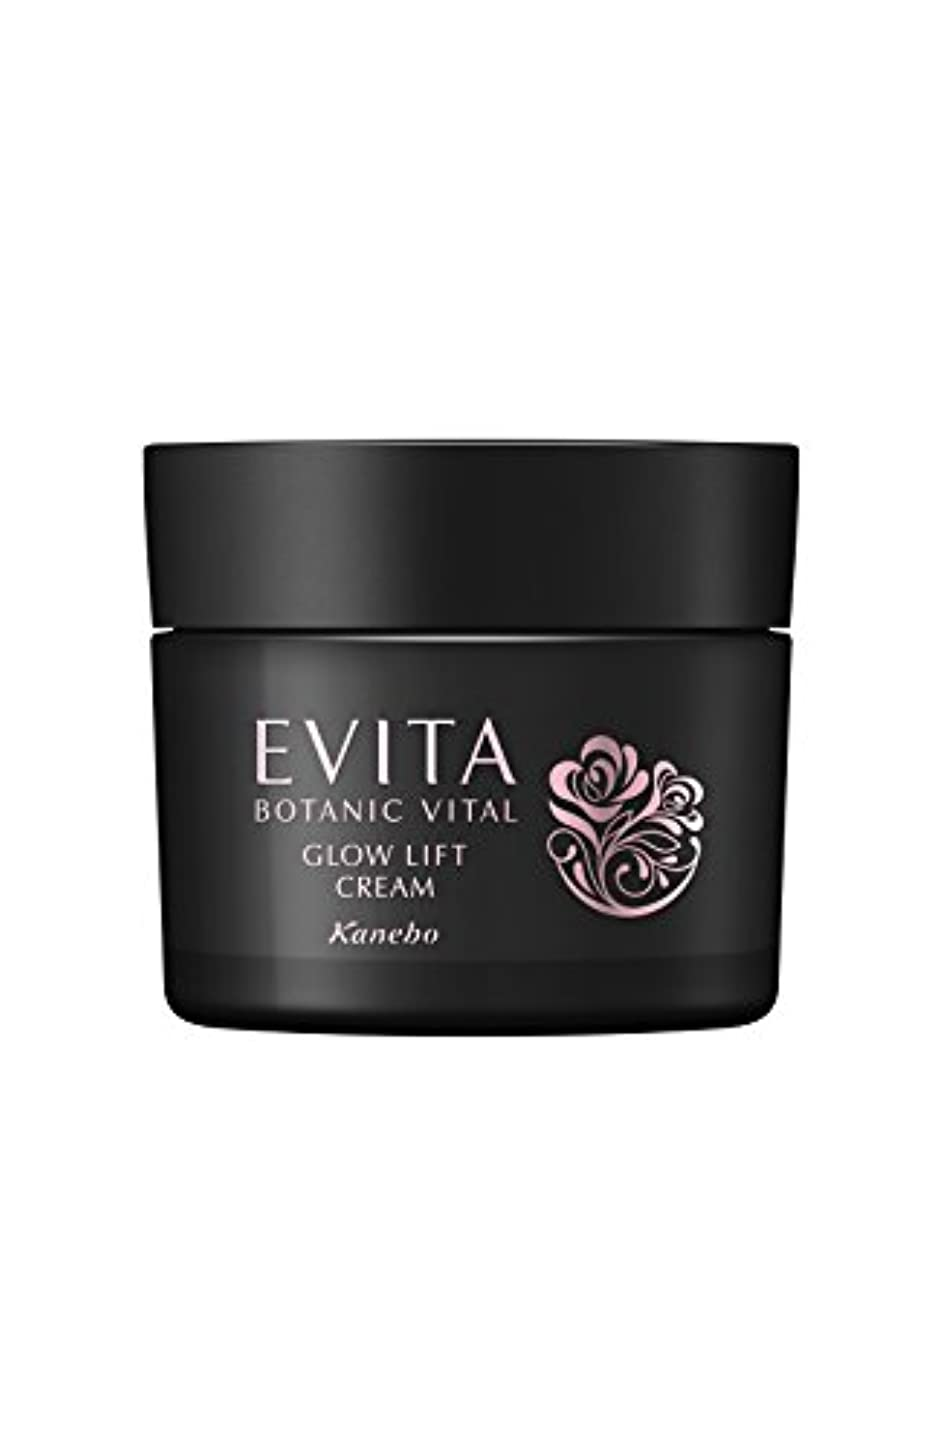 フロー乳製品浴室エビータ ボタニバイタル 艶リフト クリーム エレガントローズの香り 保湿クリーム